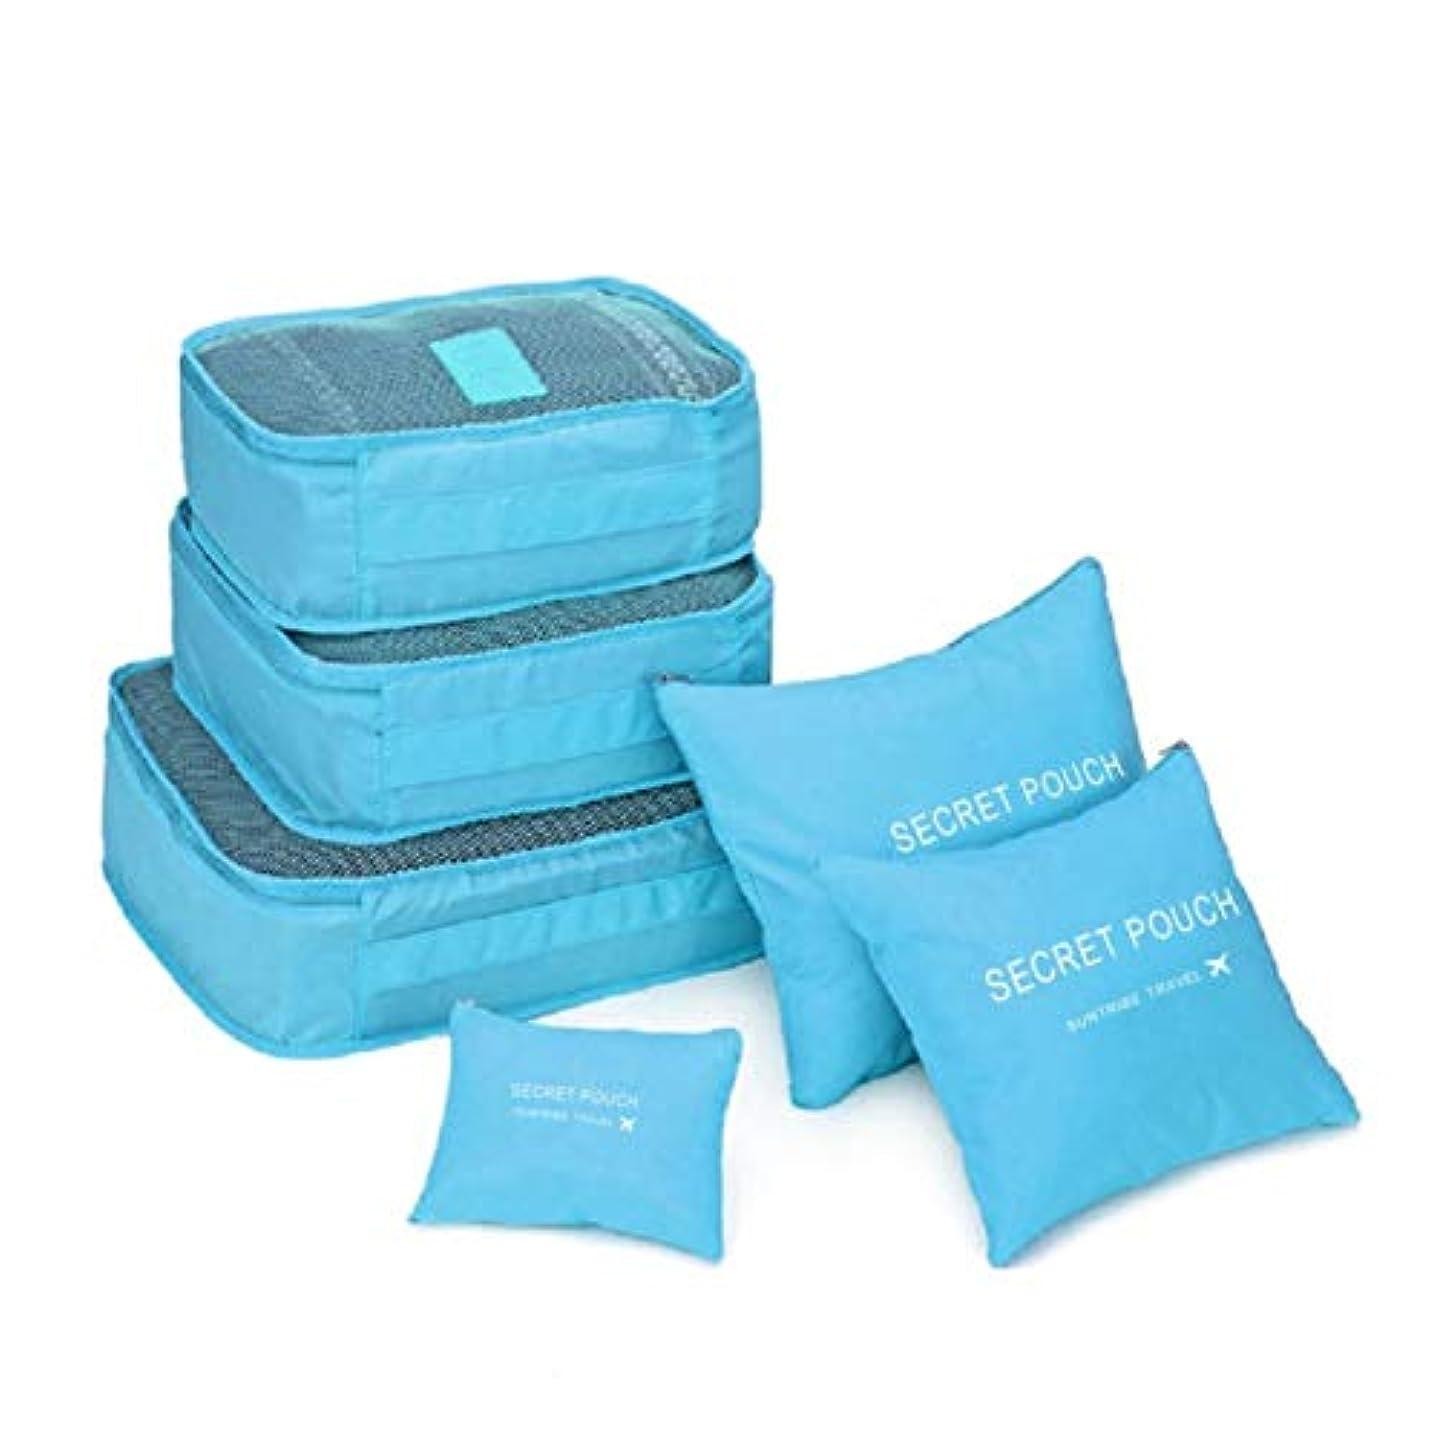 種適度に複製Saikogoods 韓国スタイルのポータブル耐久性に優れたエコフレンドリー6個/セットスクエアトラベルホーム荷物預かりバッグ洋服オーガナイザーポーチケース 青